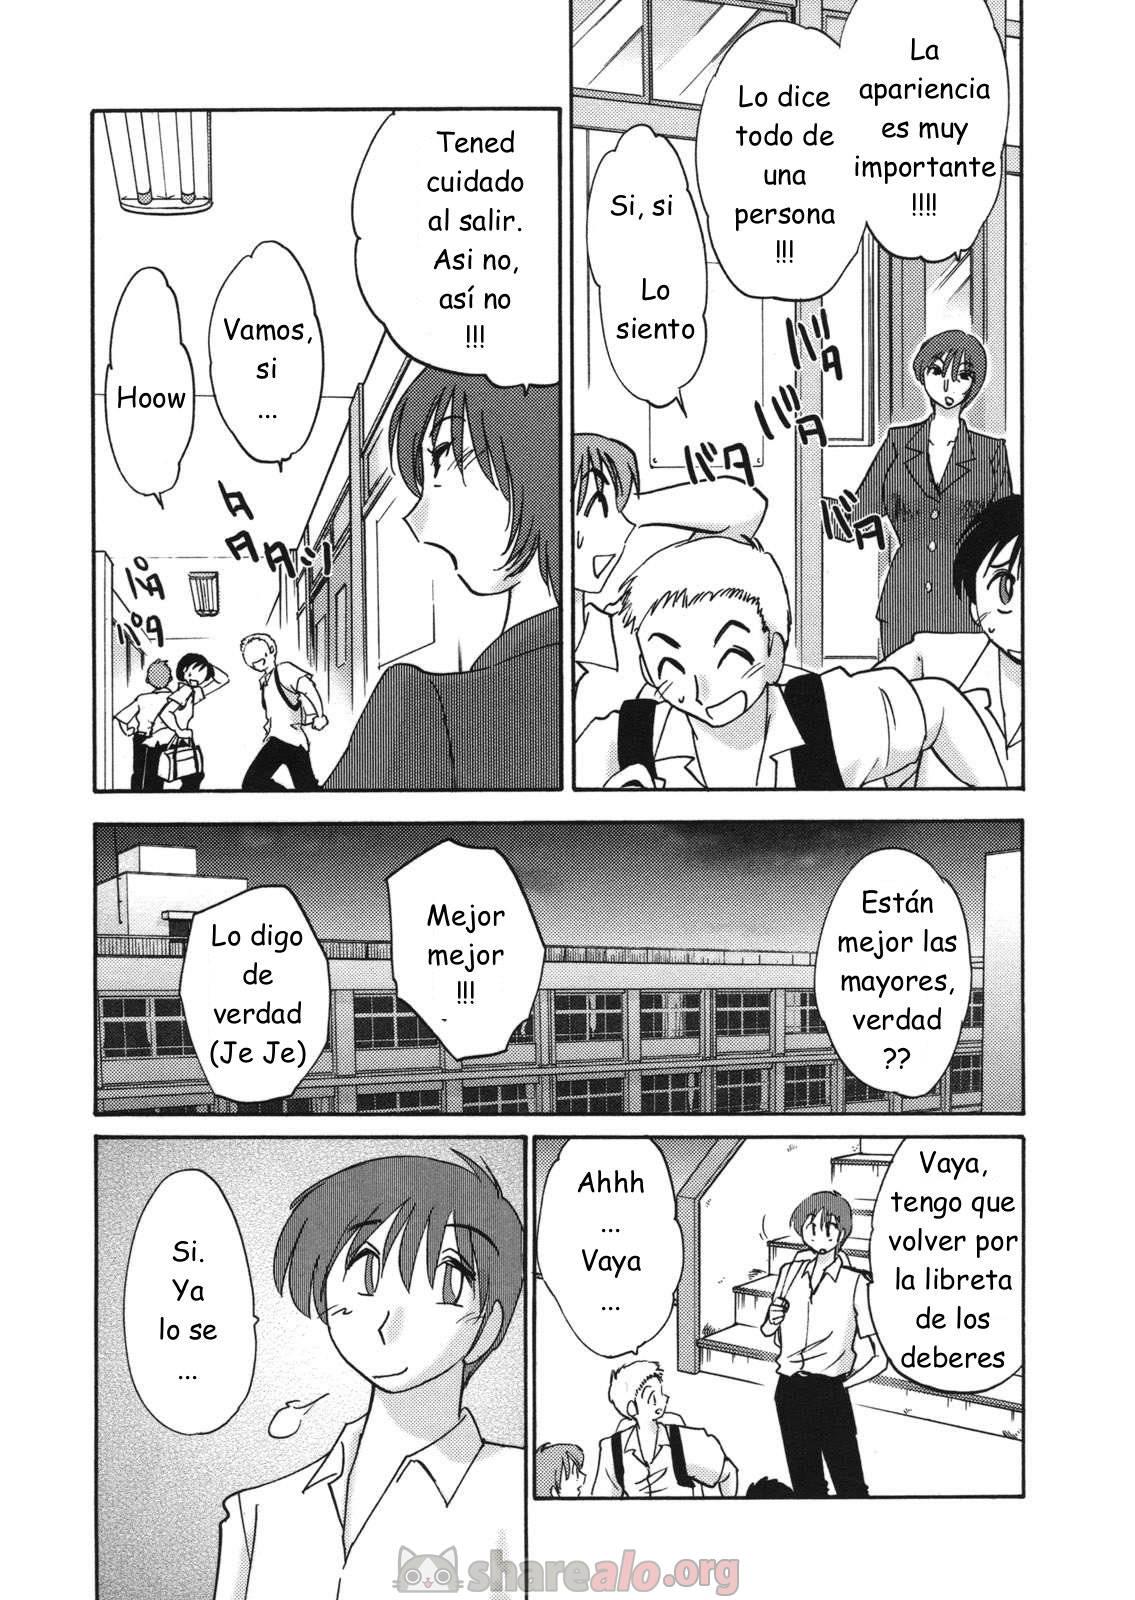 [ Boku no Aijin Manga Hentai de TsuyaTsuya ]: Comics Porno Manga Hentai [ 0bREBXIX ]